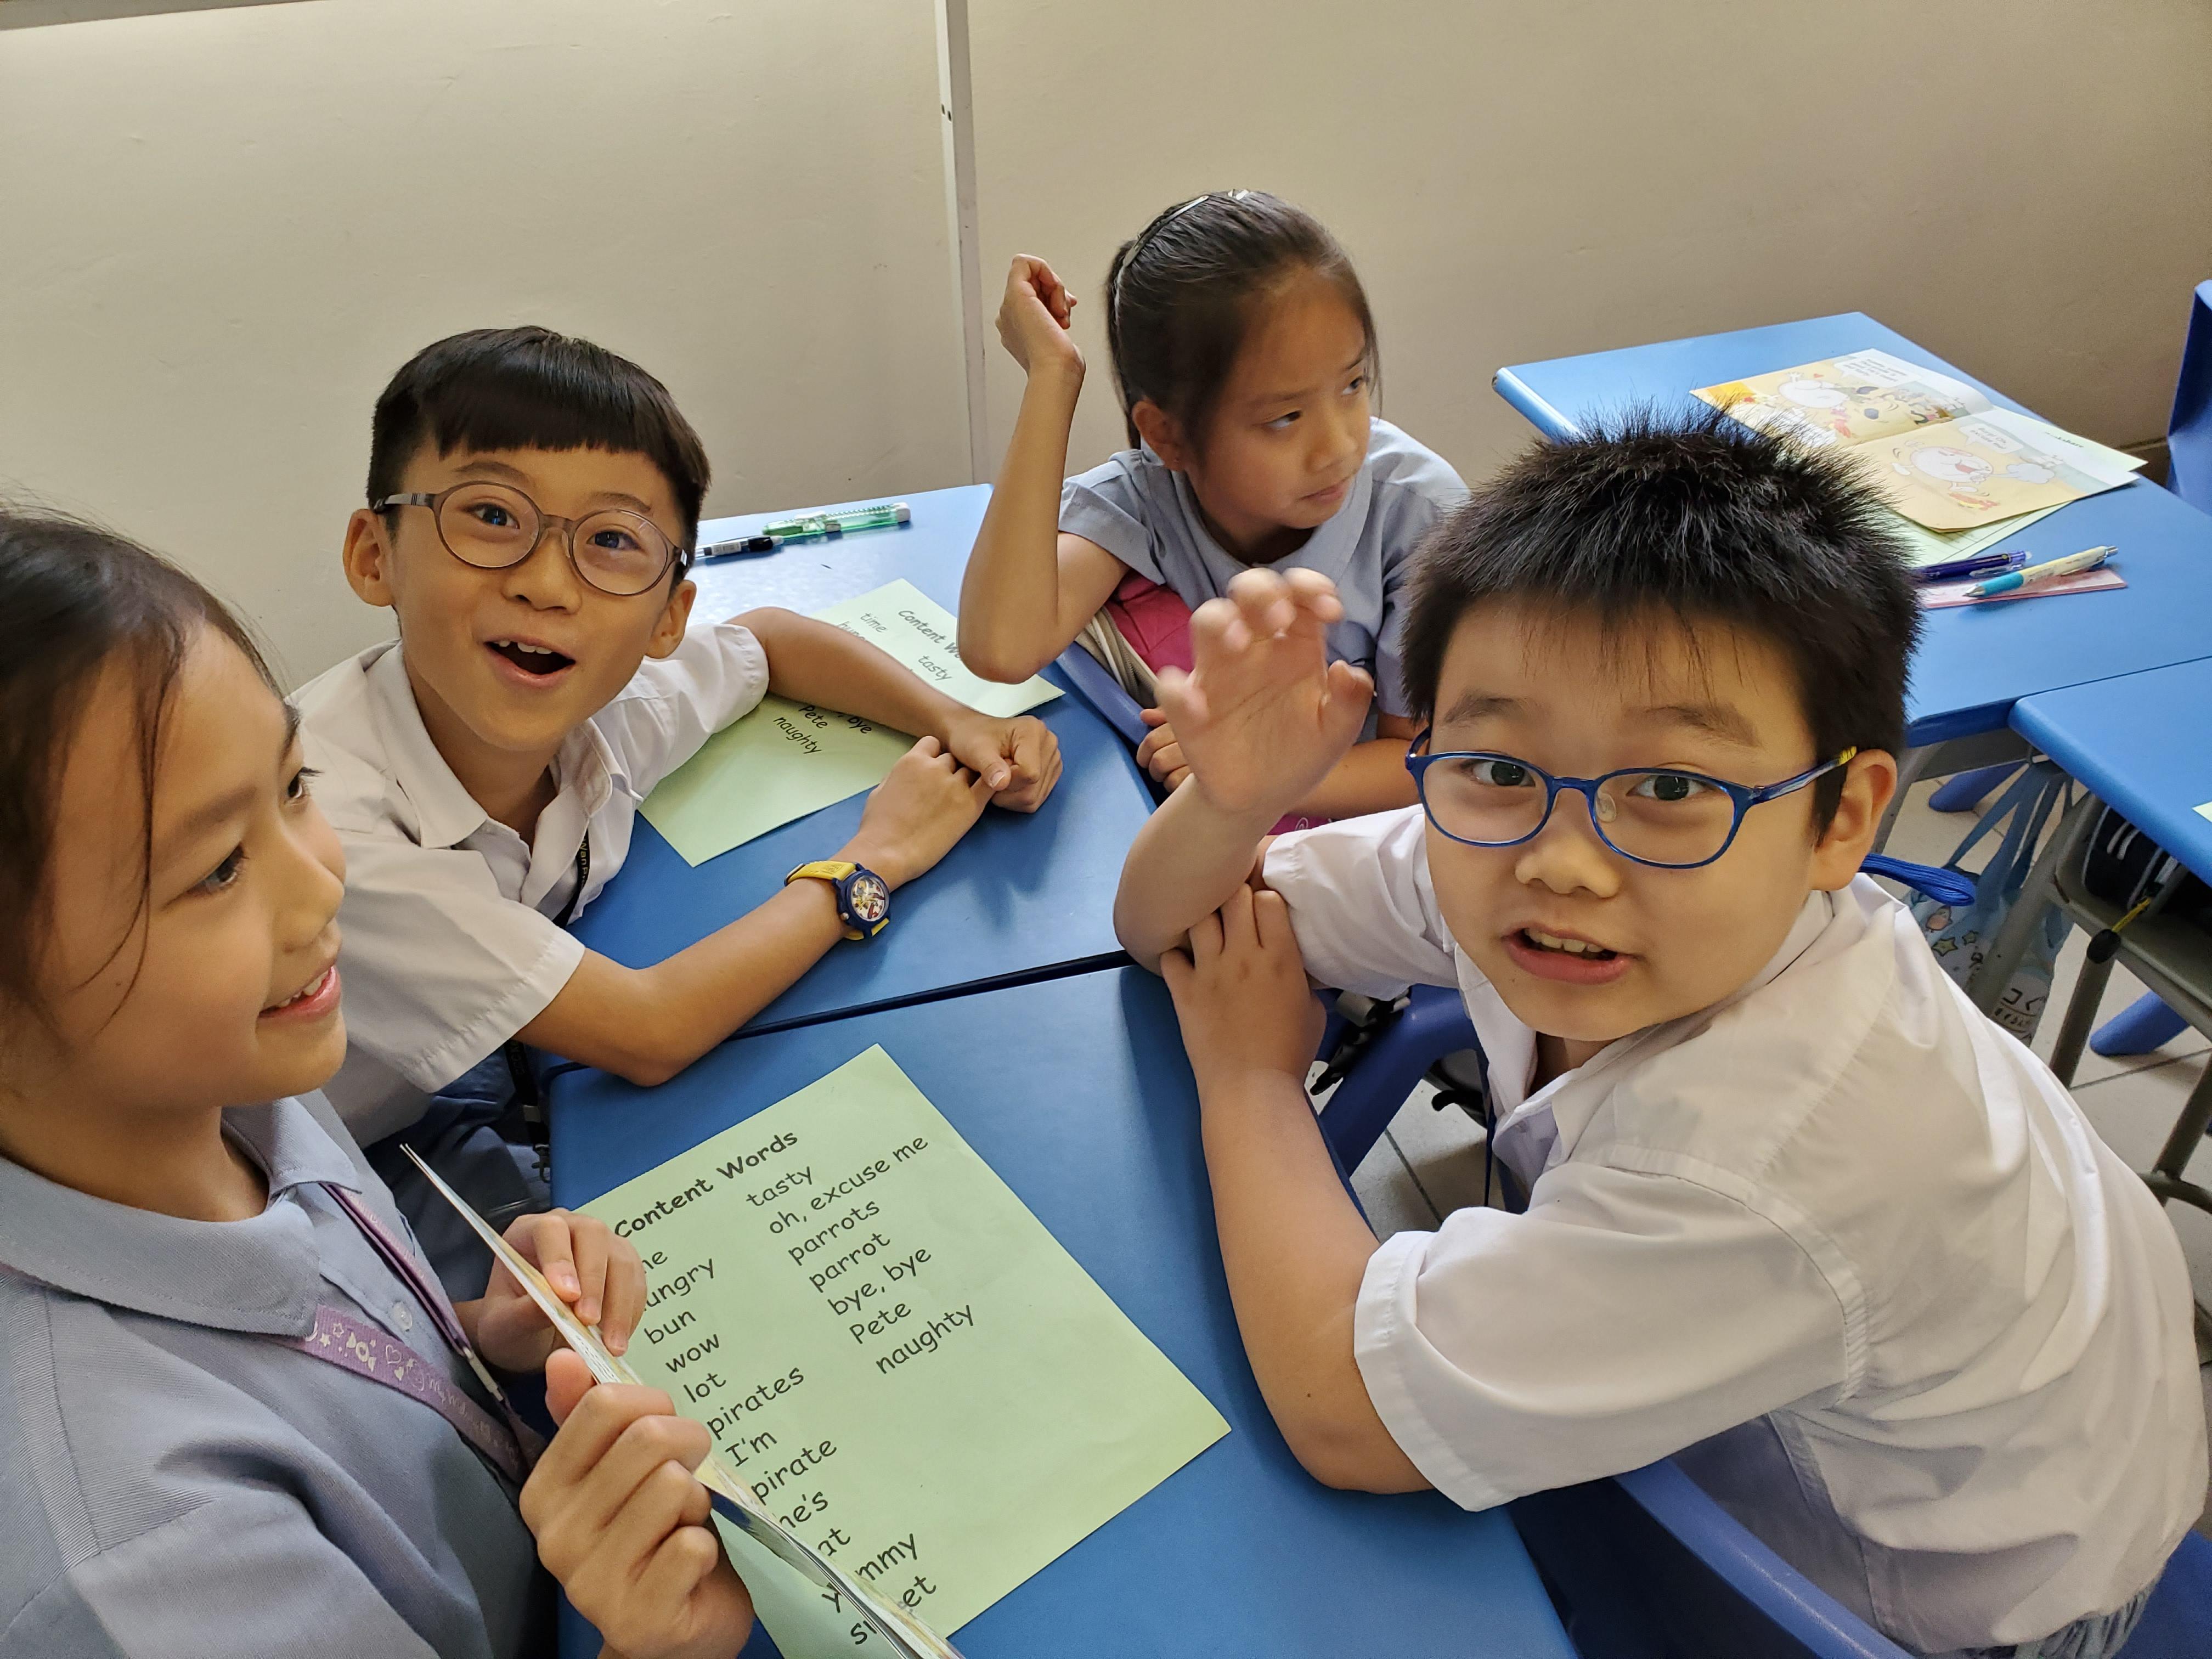 http://www.keiwan.edu.hk/sites/default/files/18_2.jpg